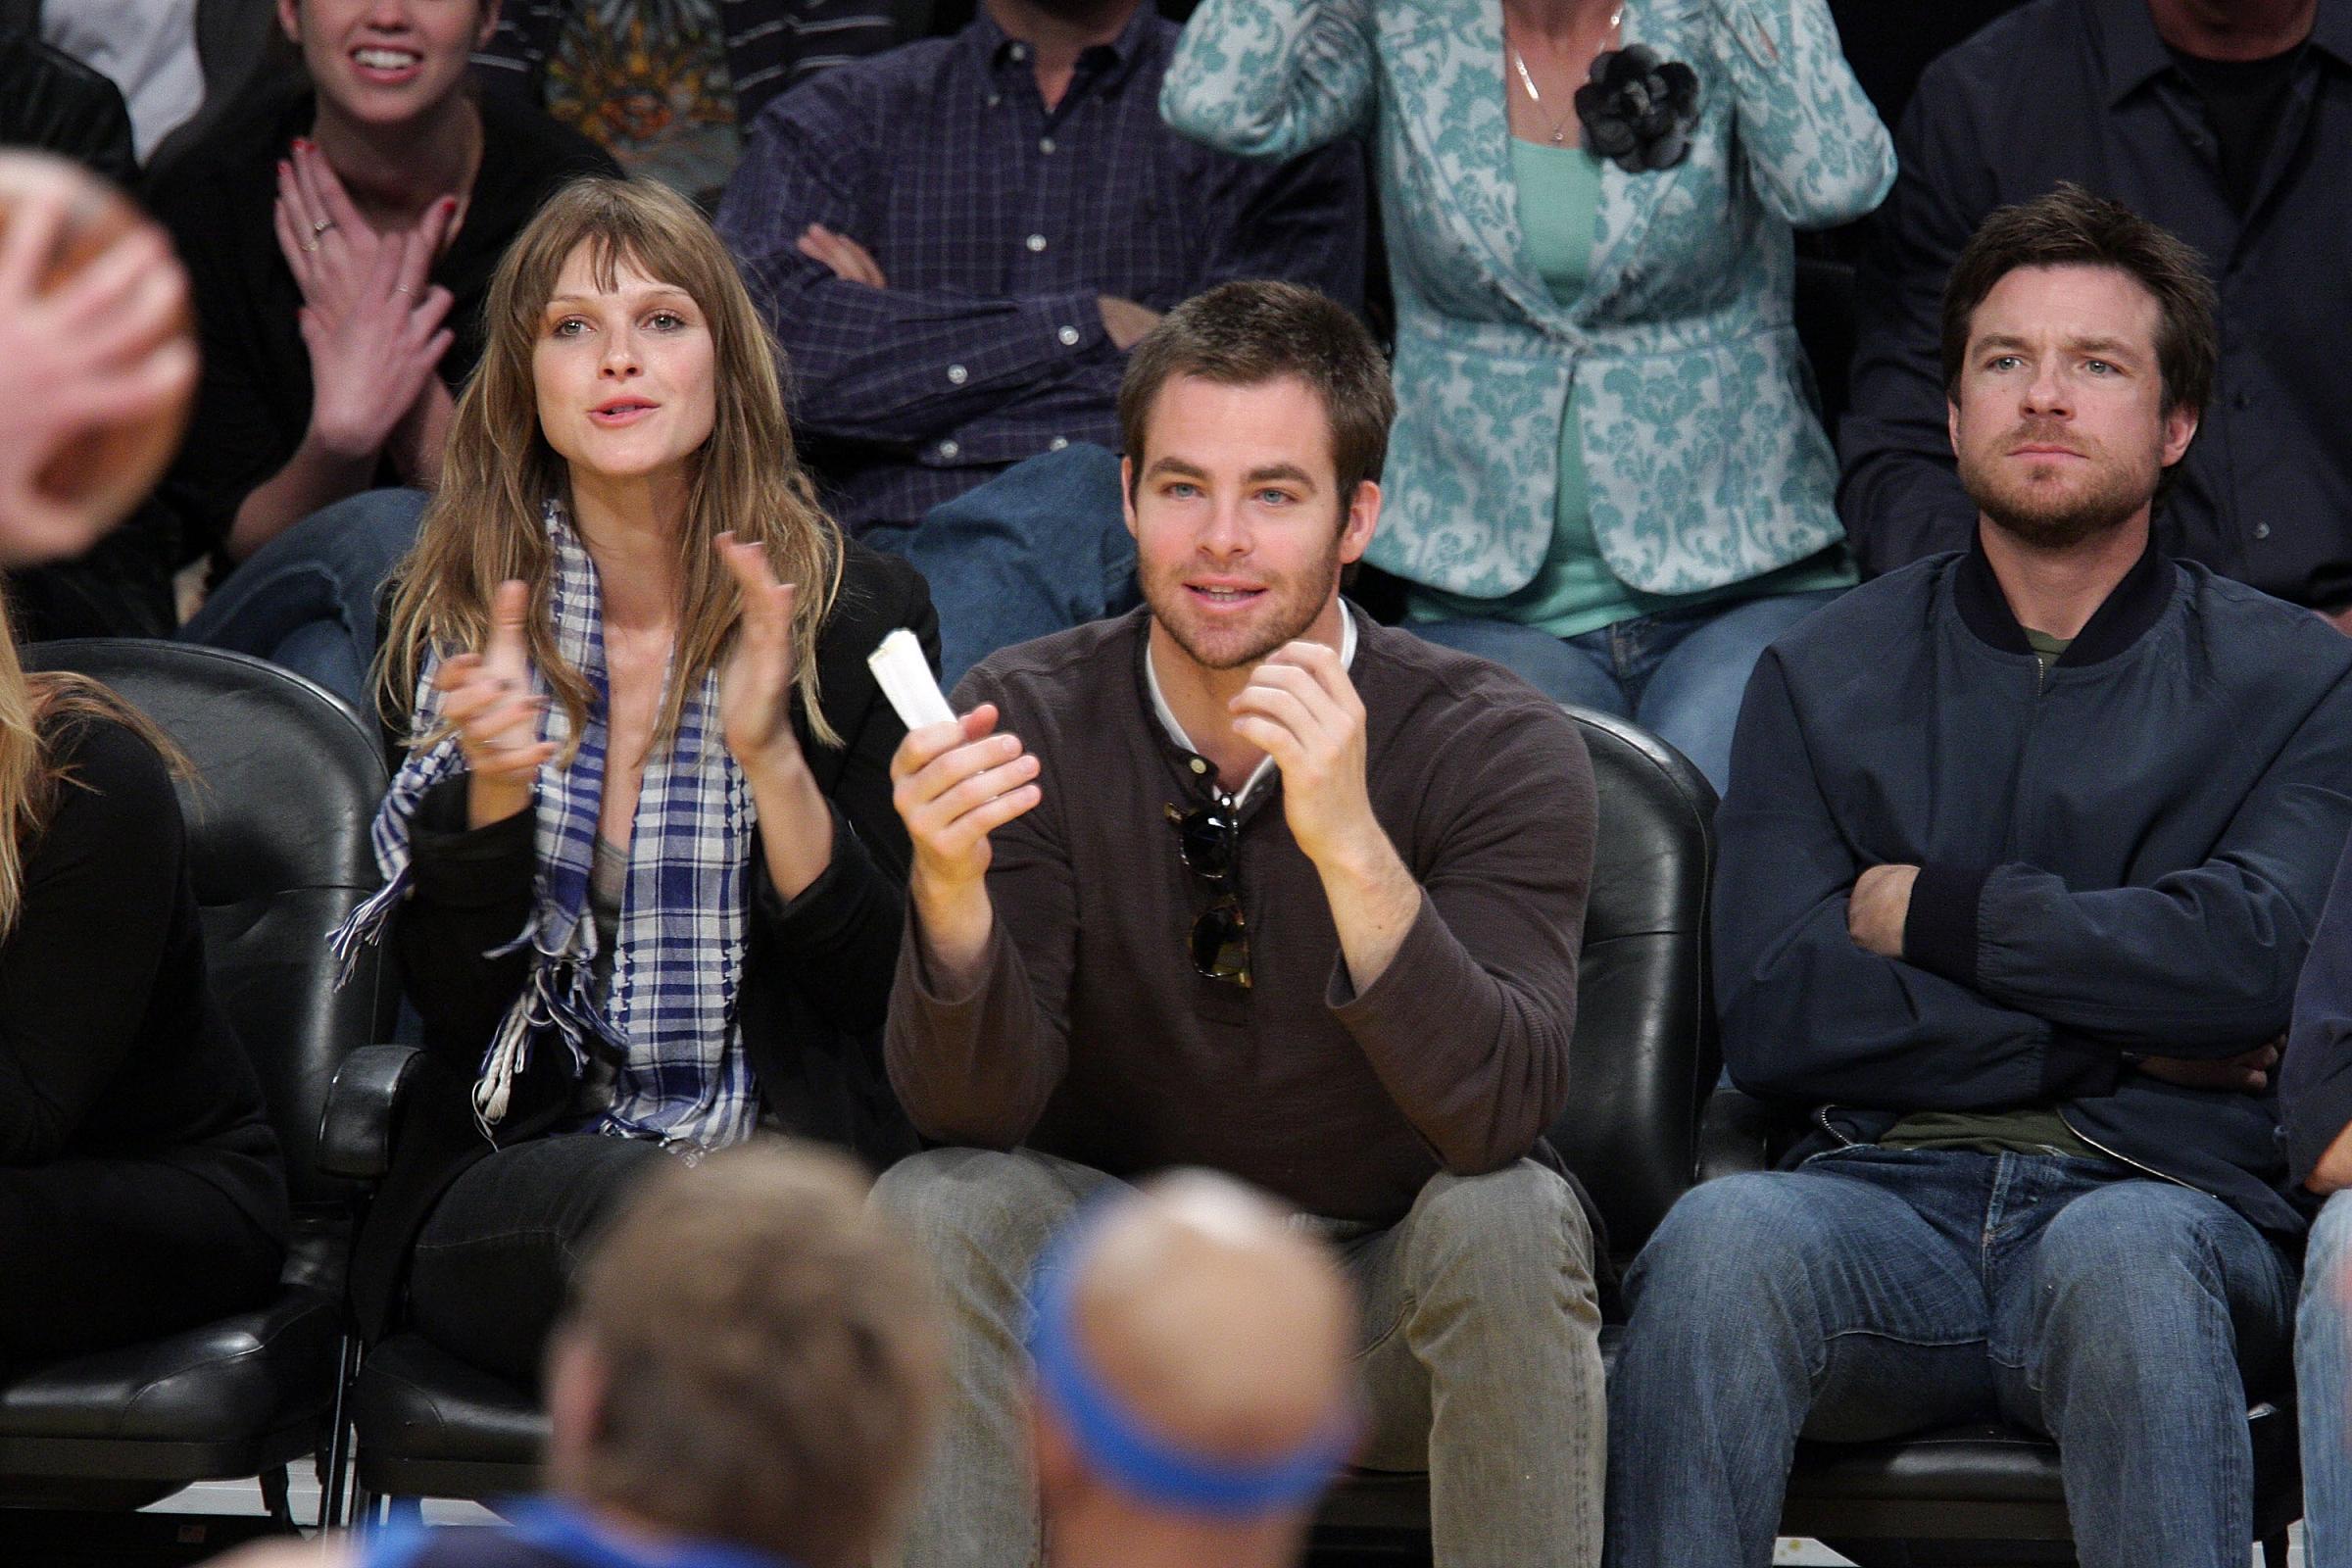 Jason Bateman w/ Chris Pine at Lakers Game